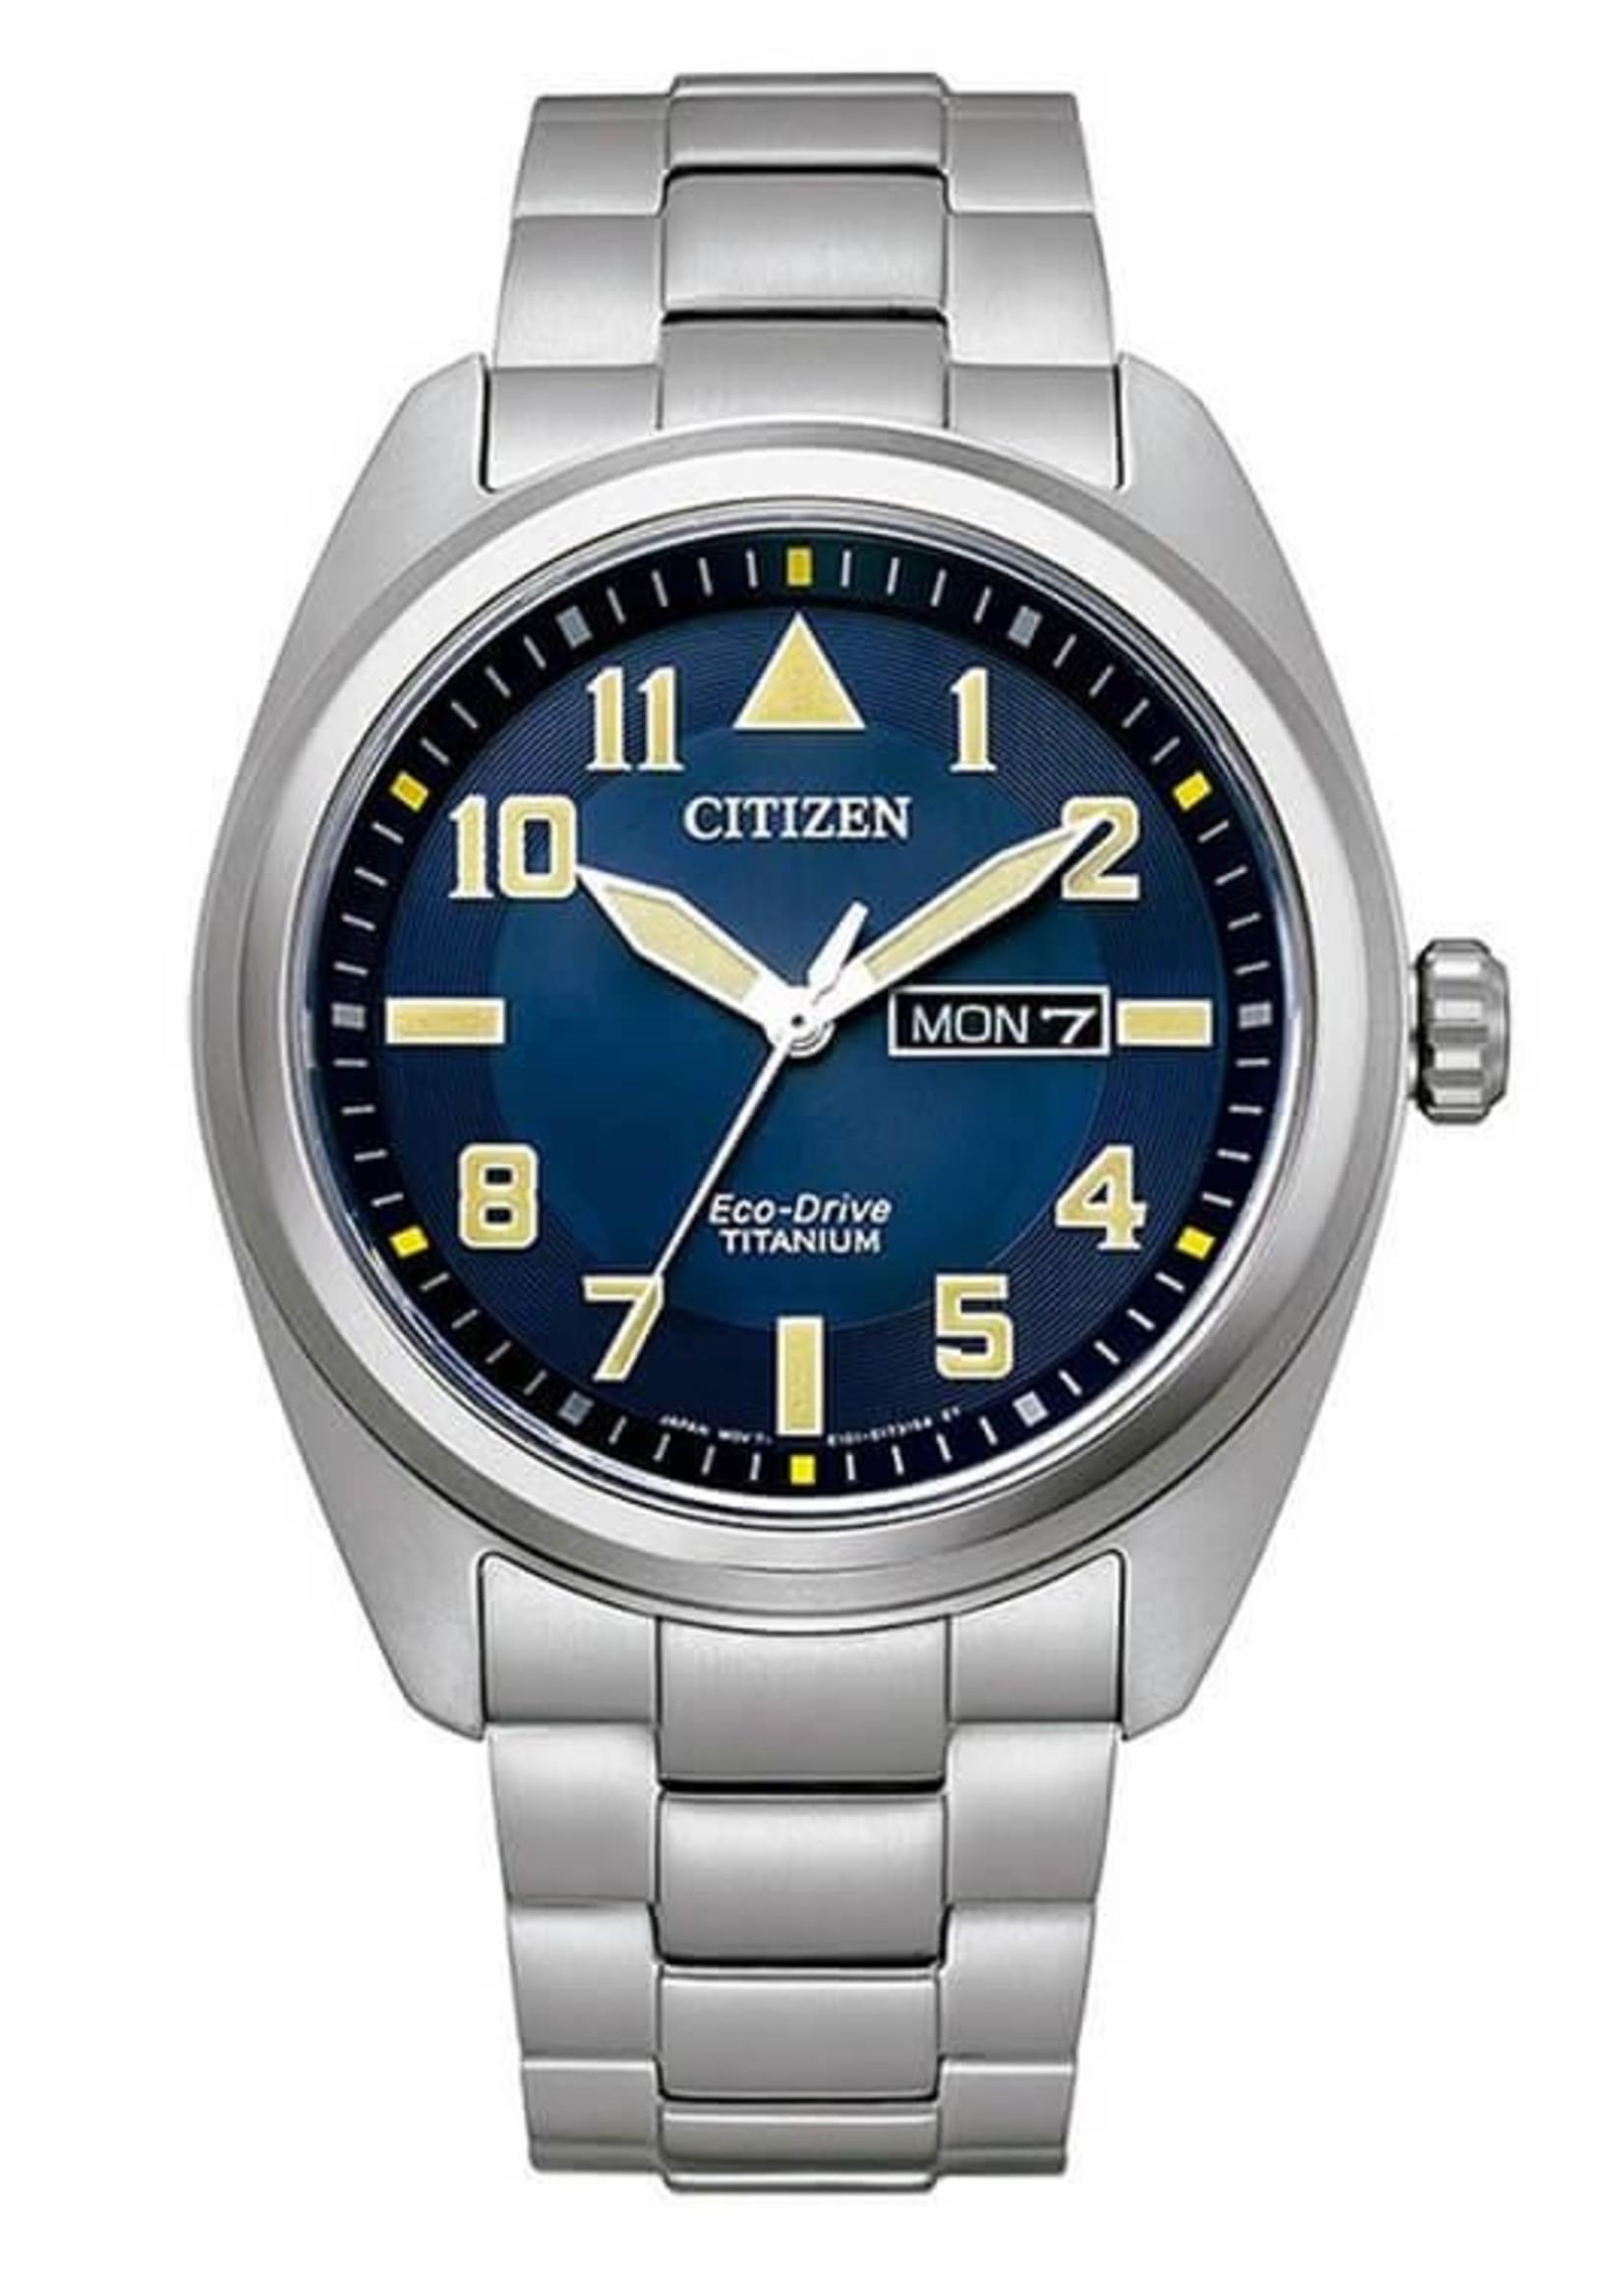 Citizen bm8560-88l